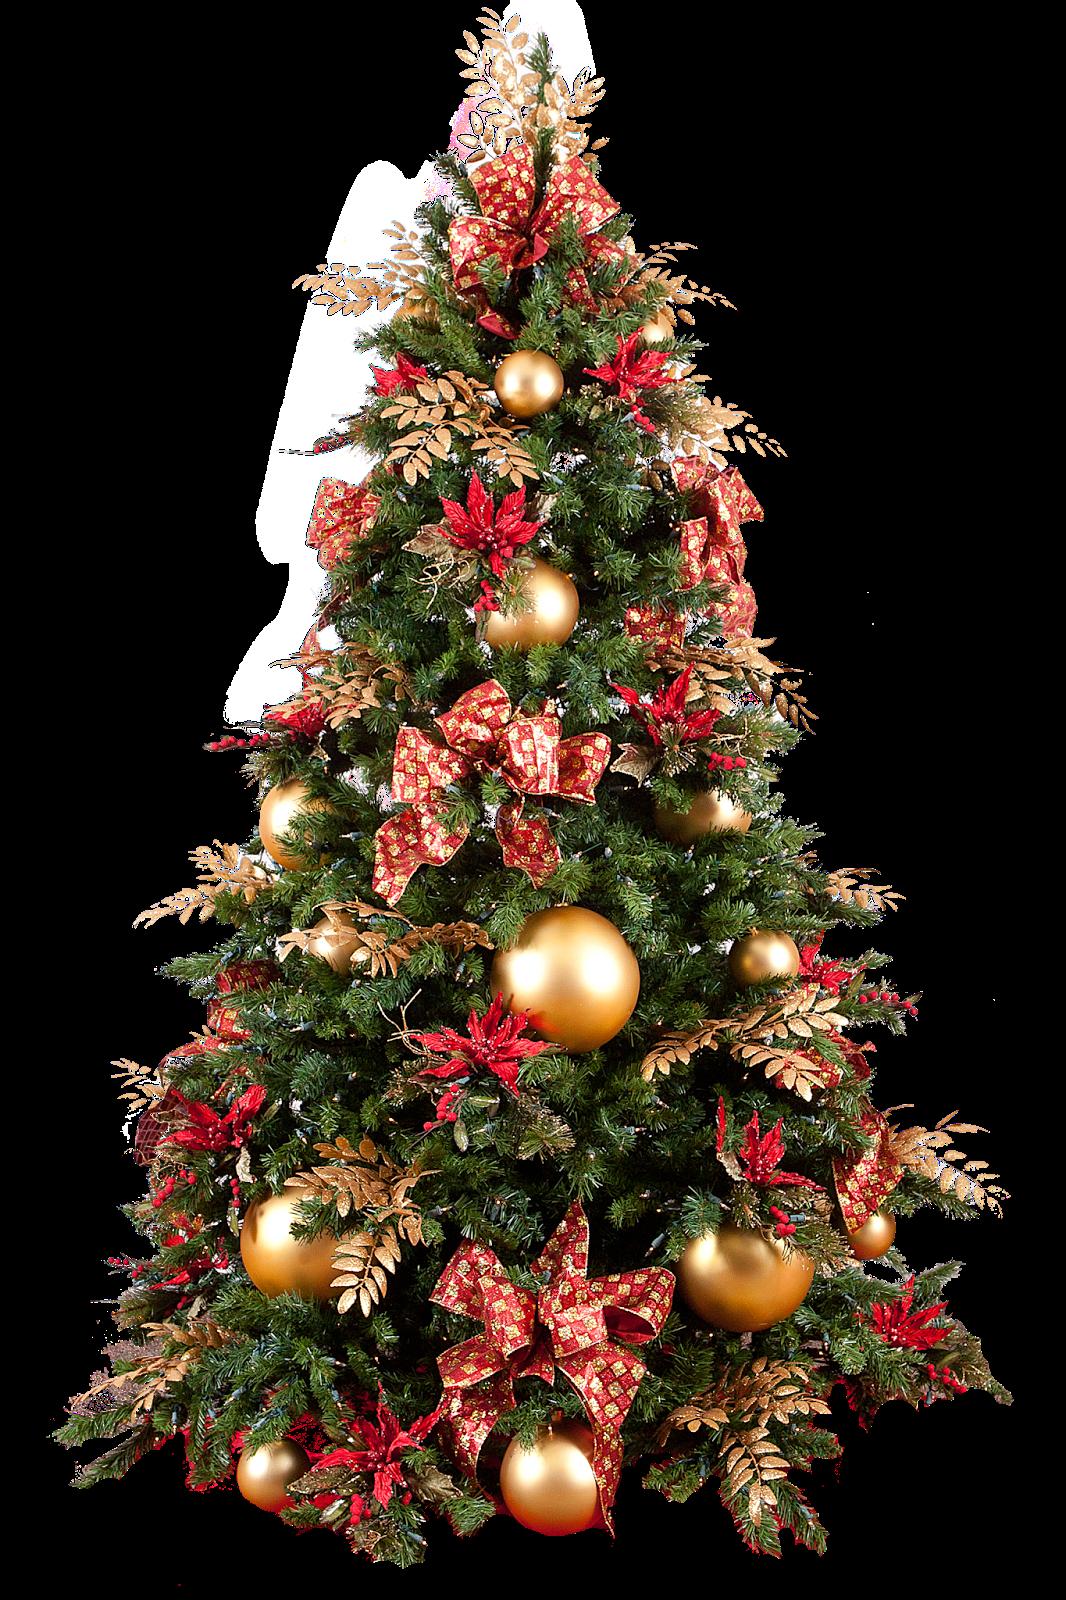 Rbol de navidad mejor calidad de vida - Albol de navidad ...